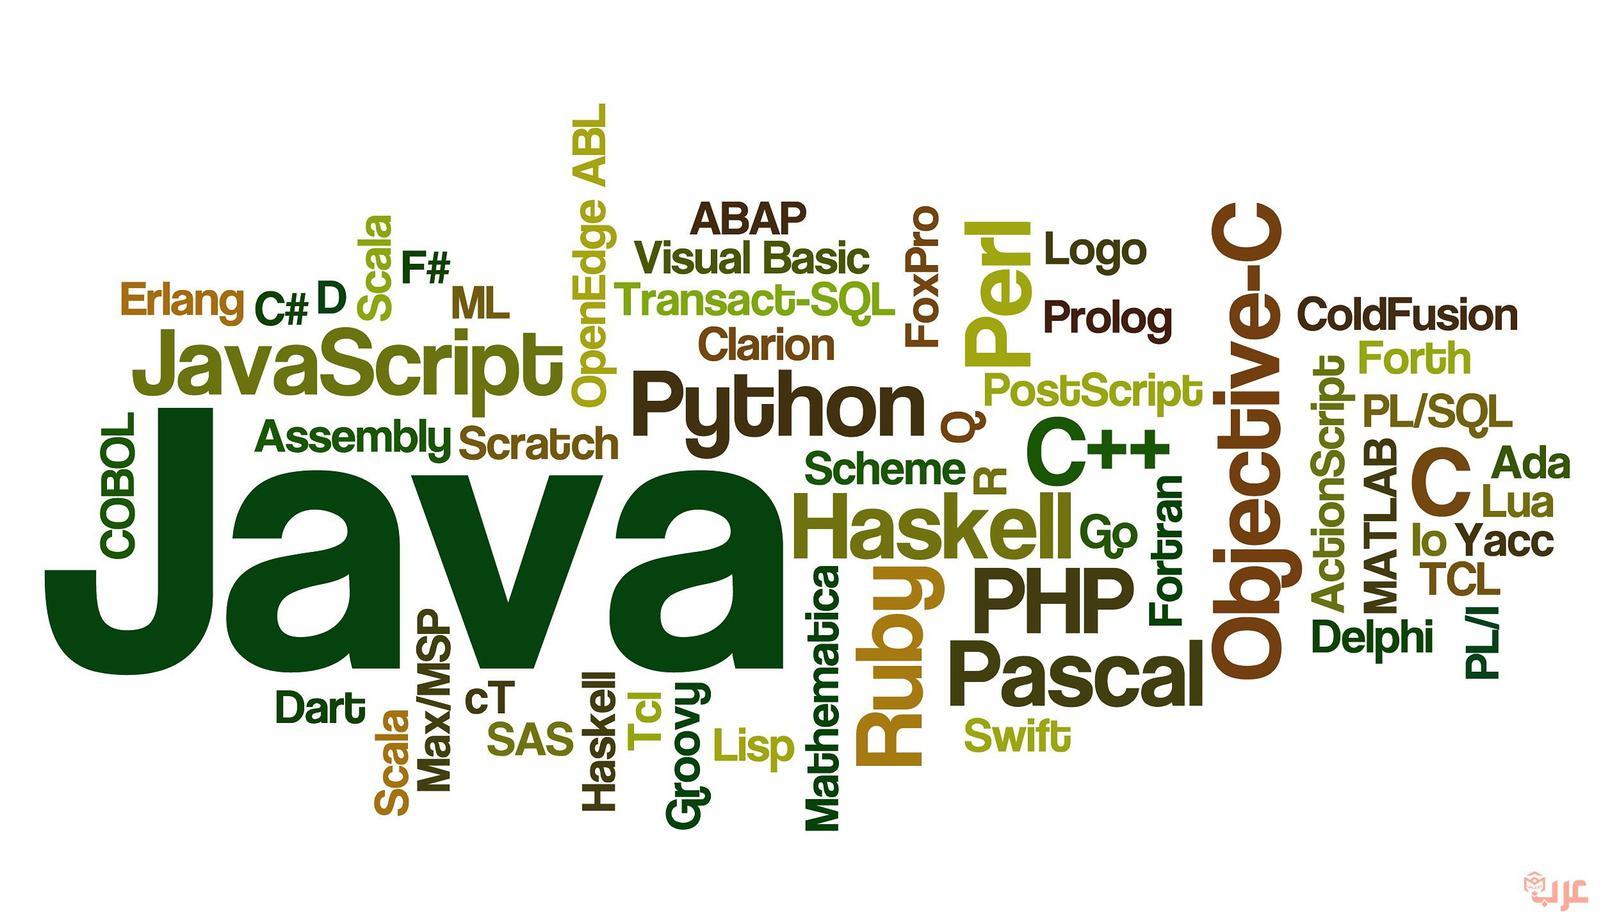 programming languages - أهم اللغات البرمجية المناسبة لطلاب التعليم العام